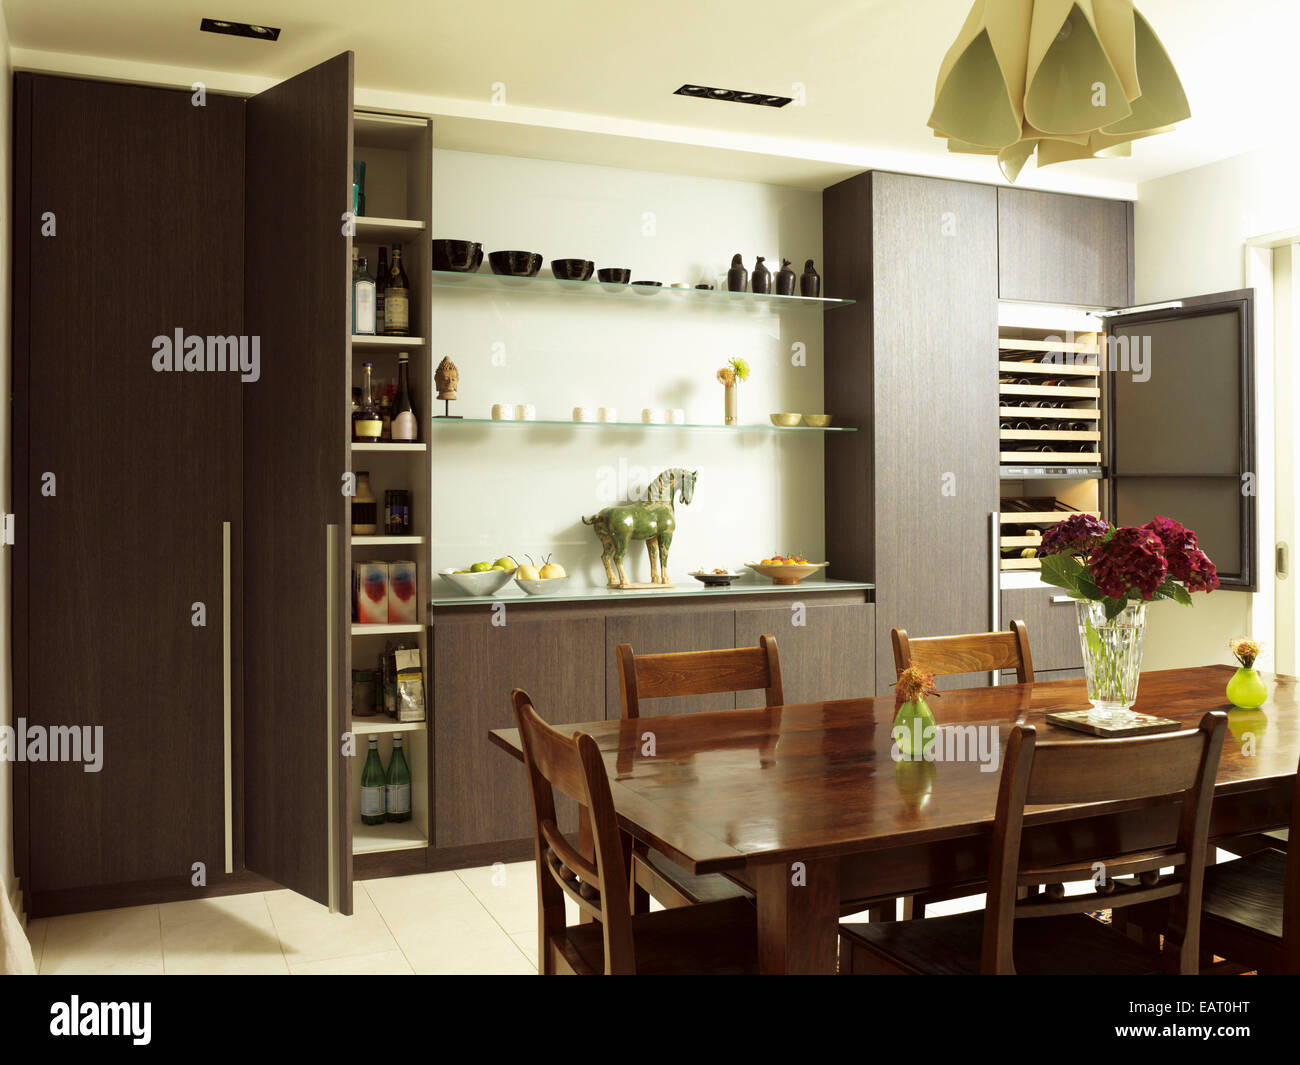 Esstisch und Stühle vor Mittelinsel Gerät in geräumigen Küche mit ...